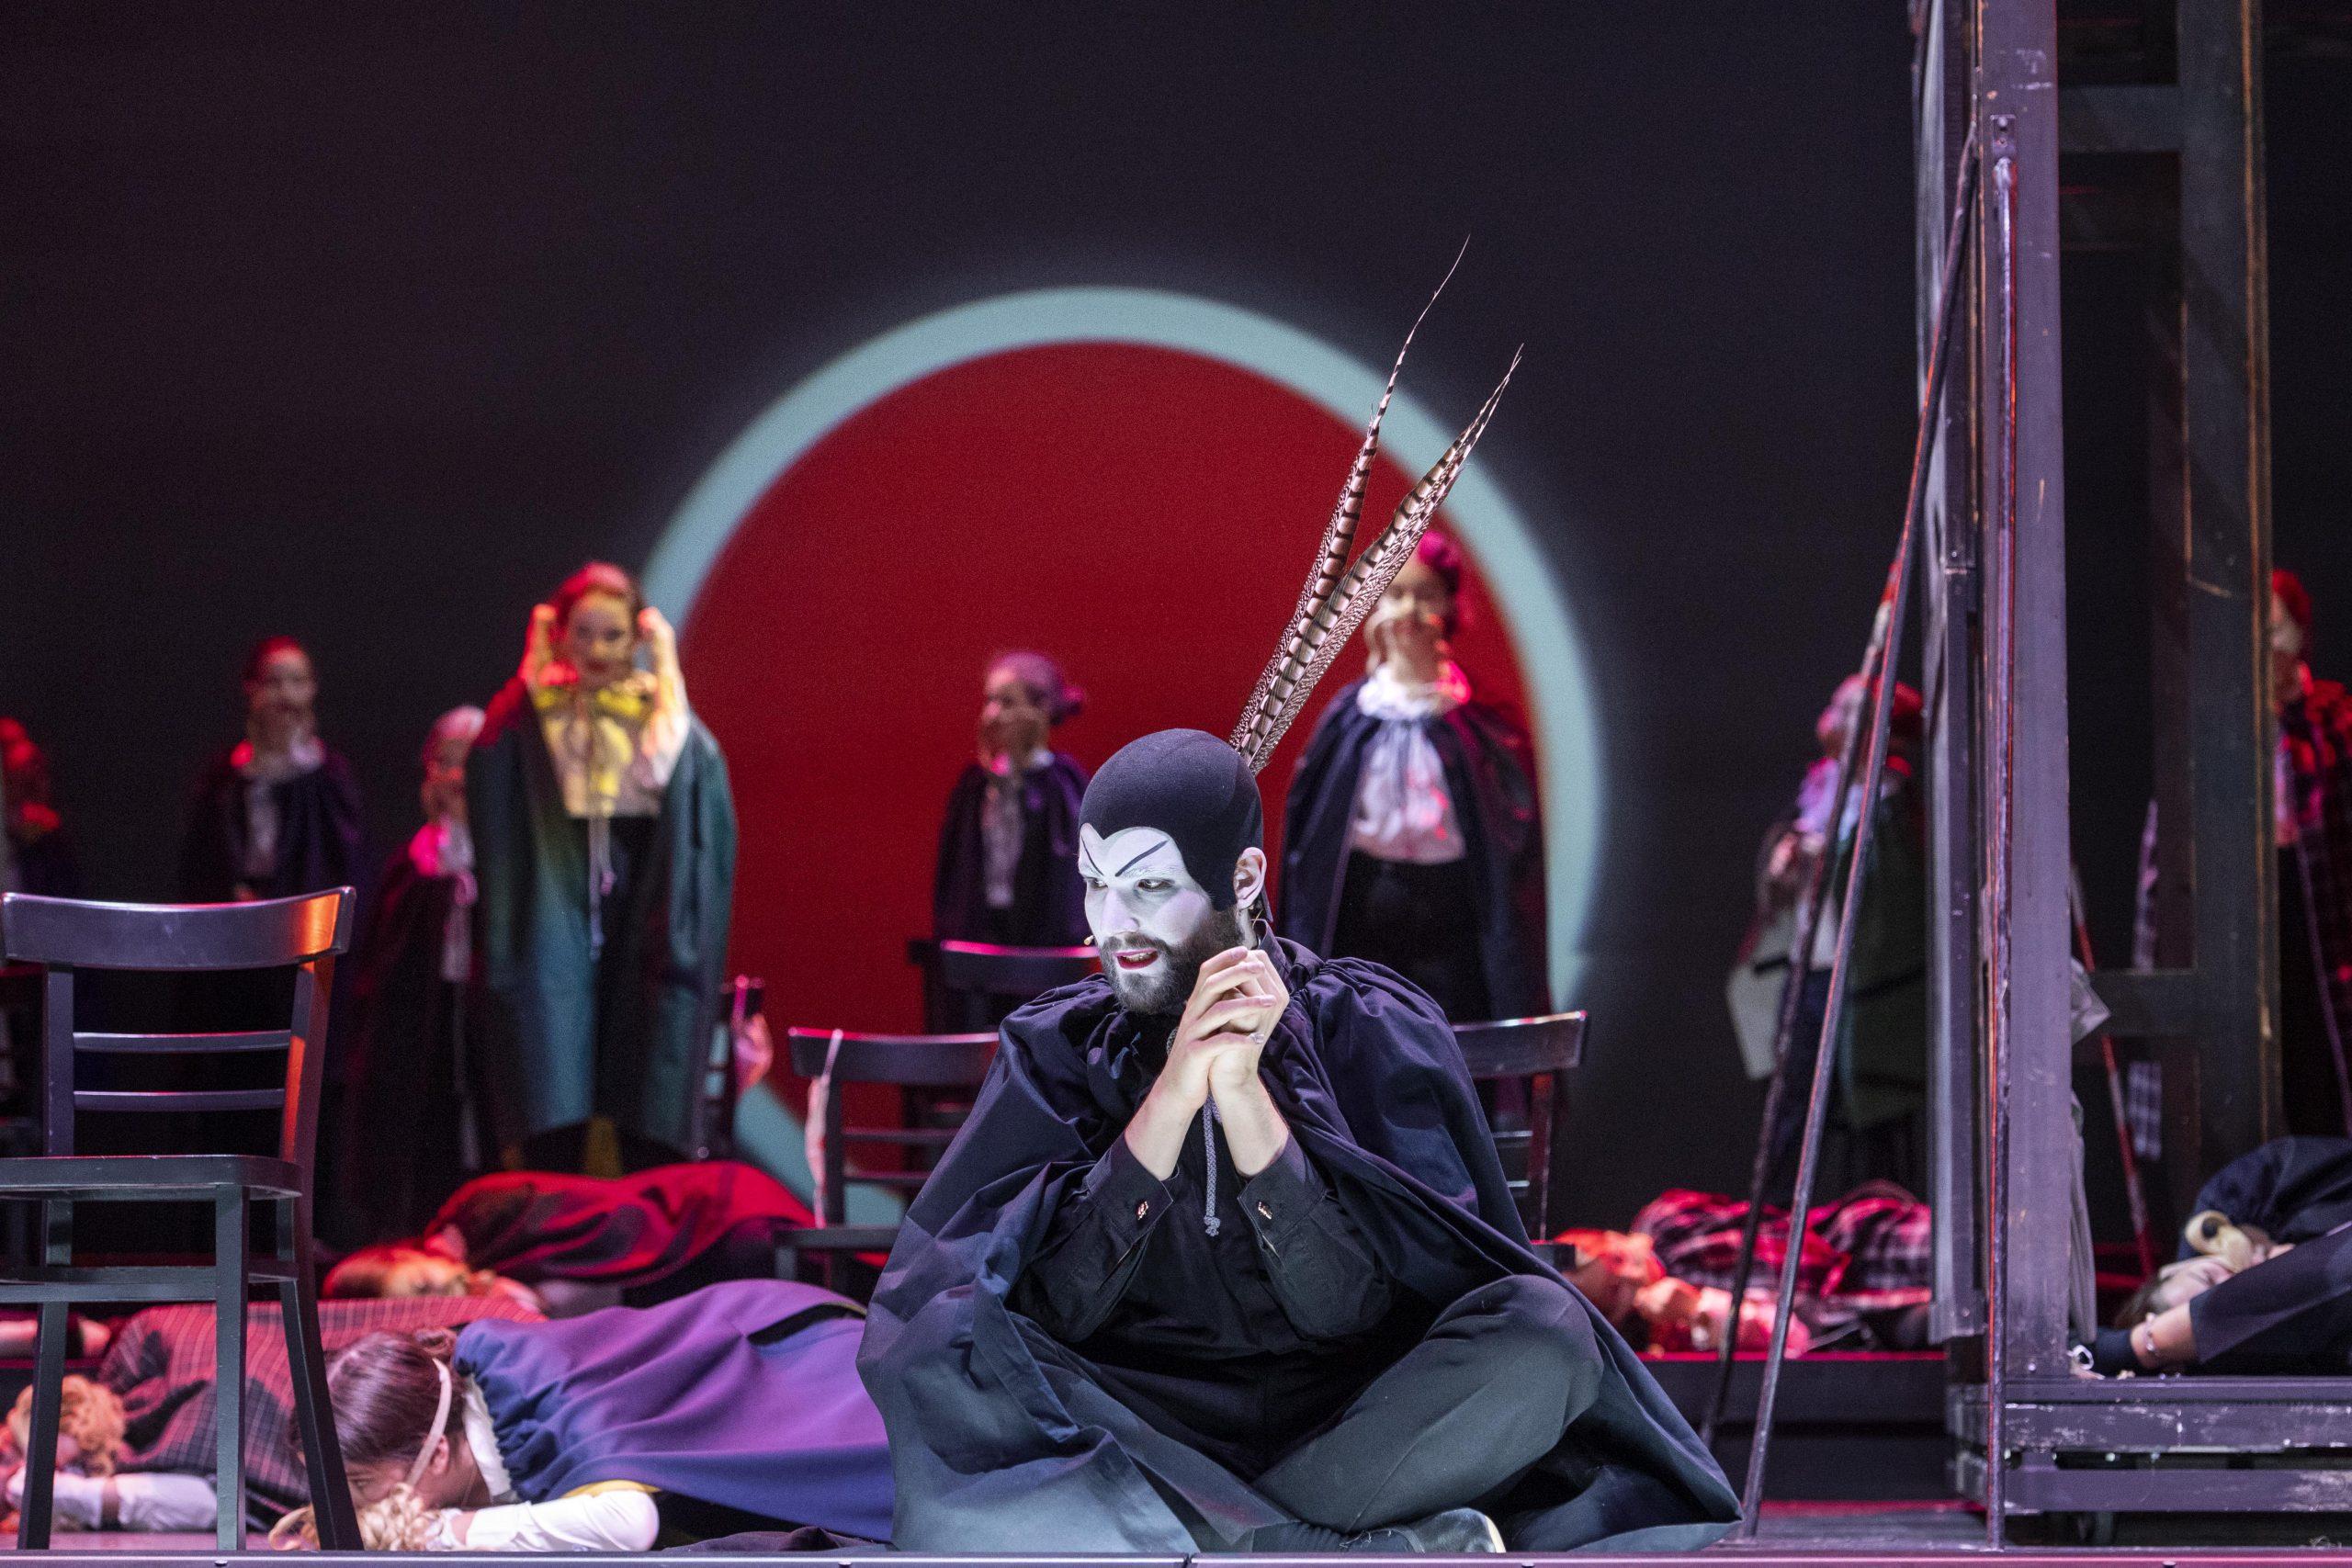 Faust: Eine raffinierte musikalische Collage